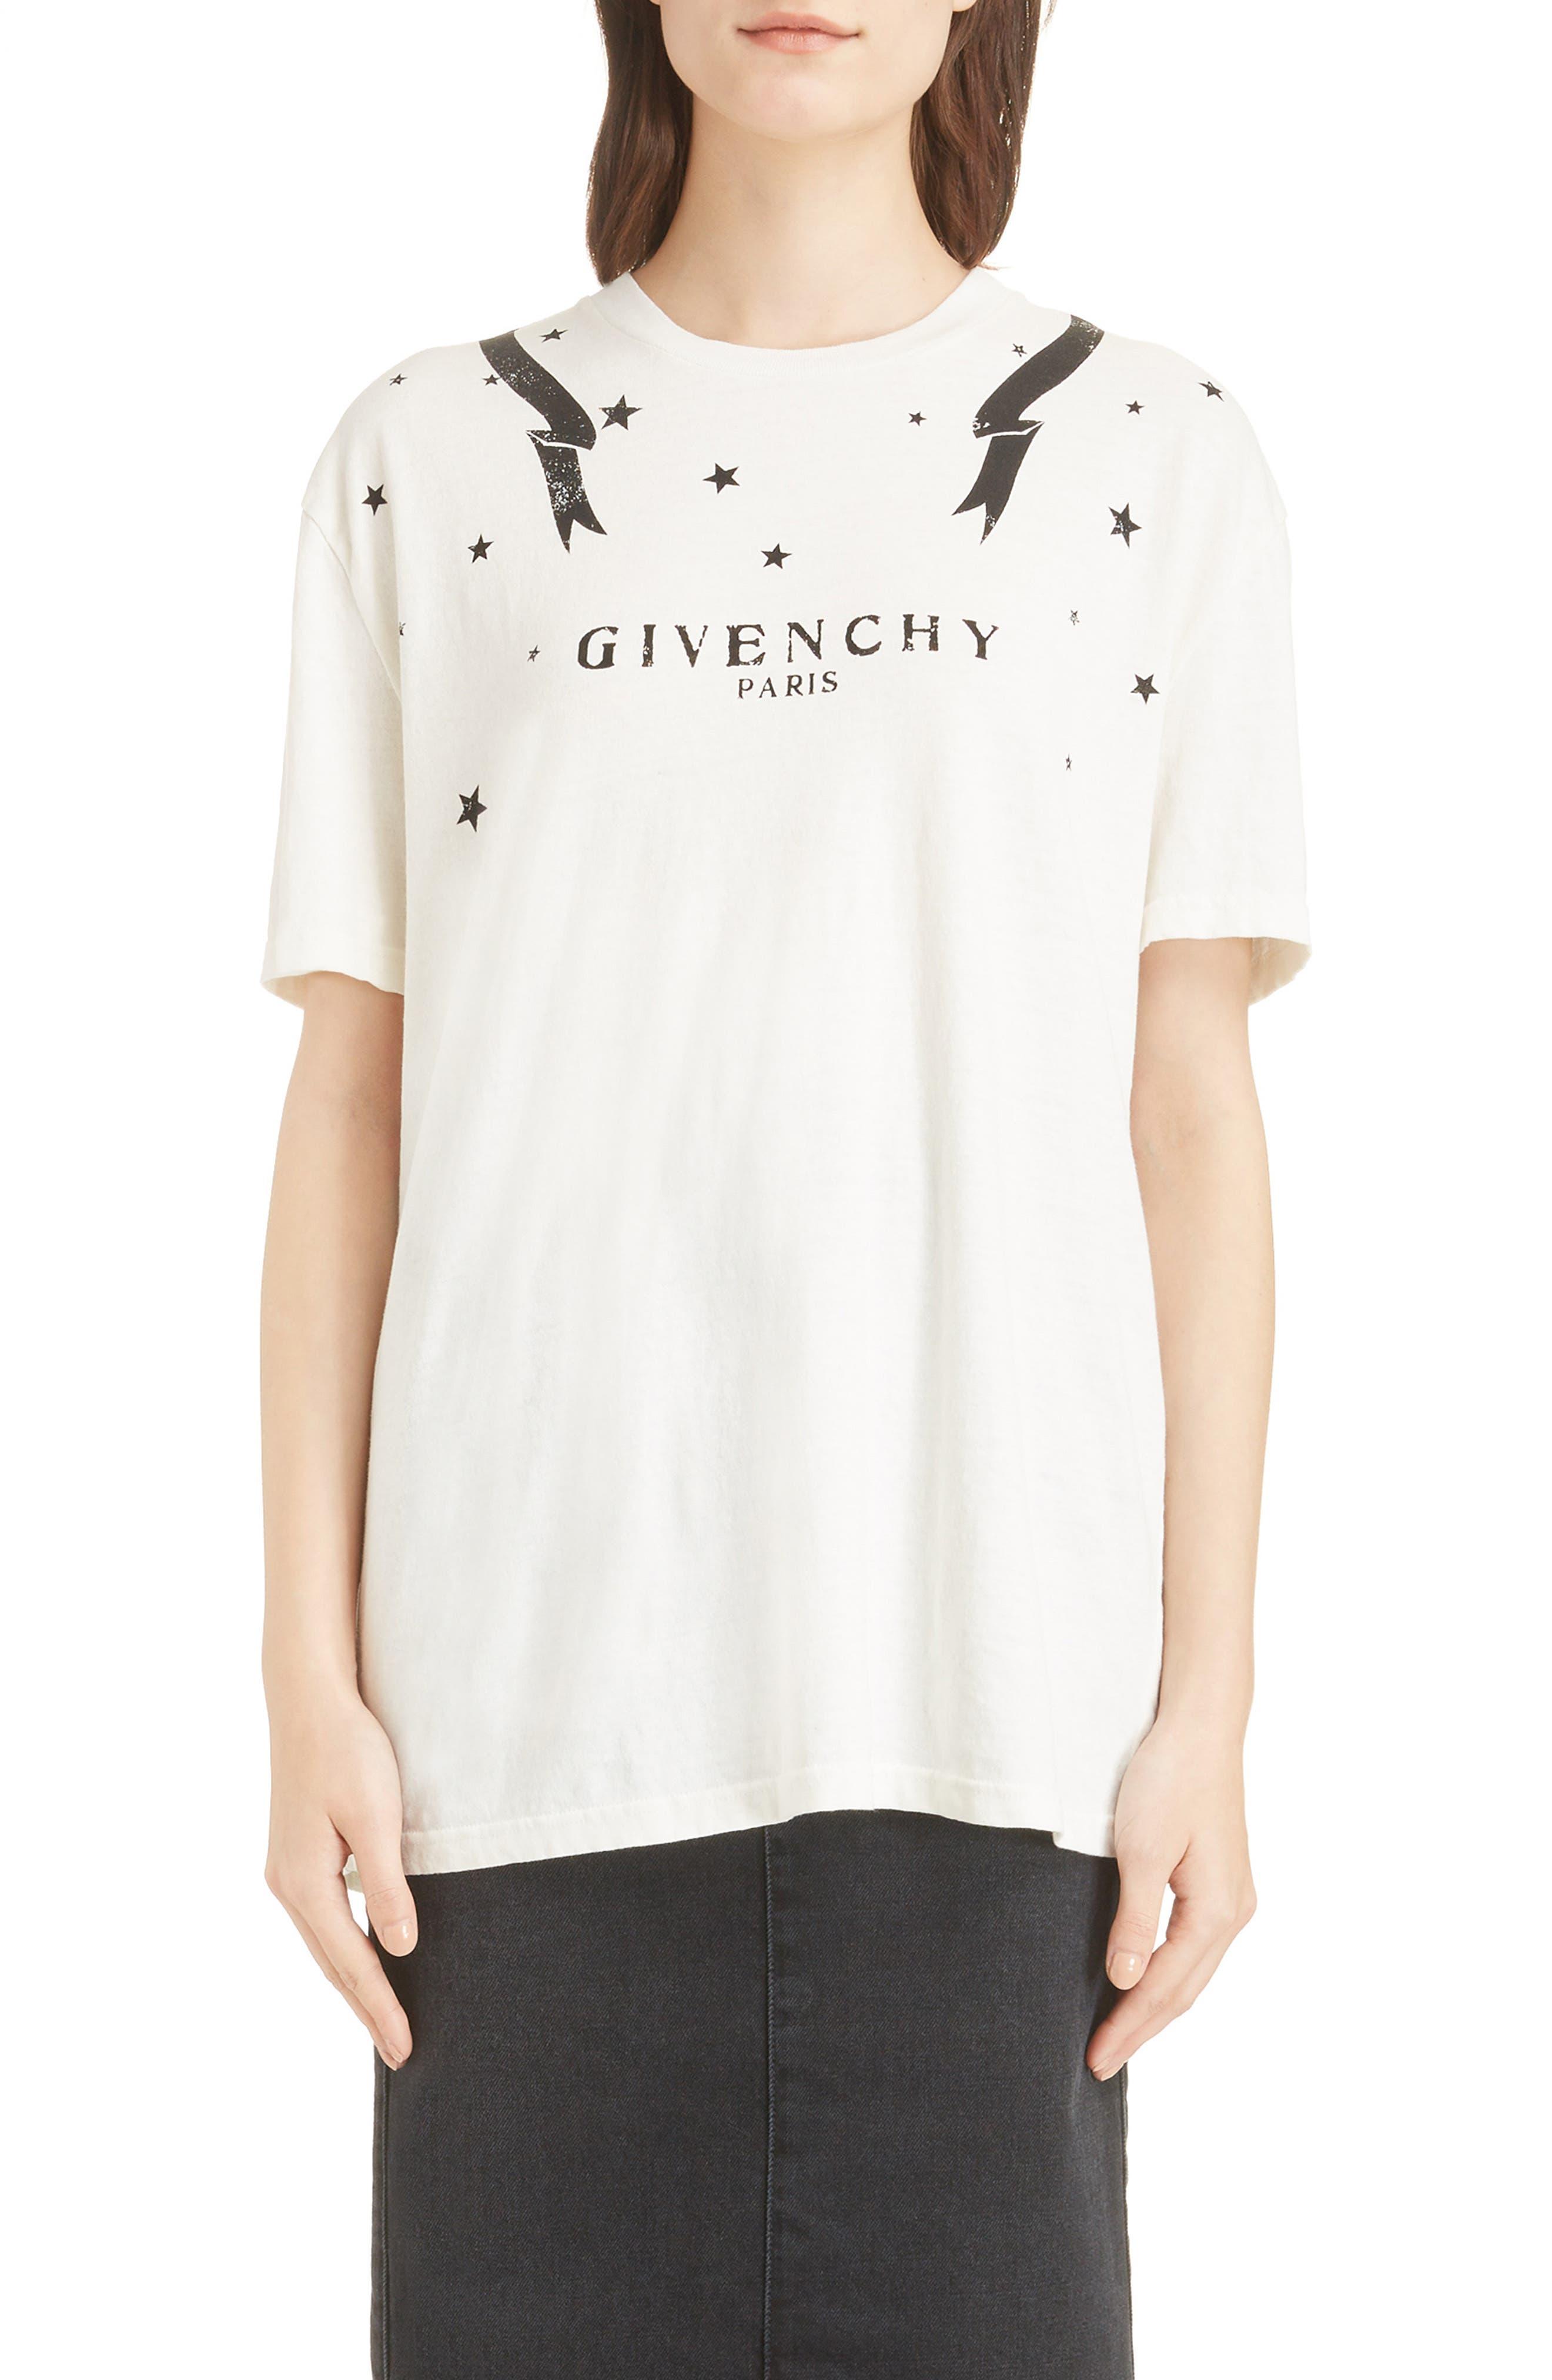 4110853ed13 Women s Givenchy Clothing